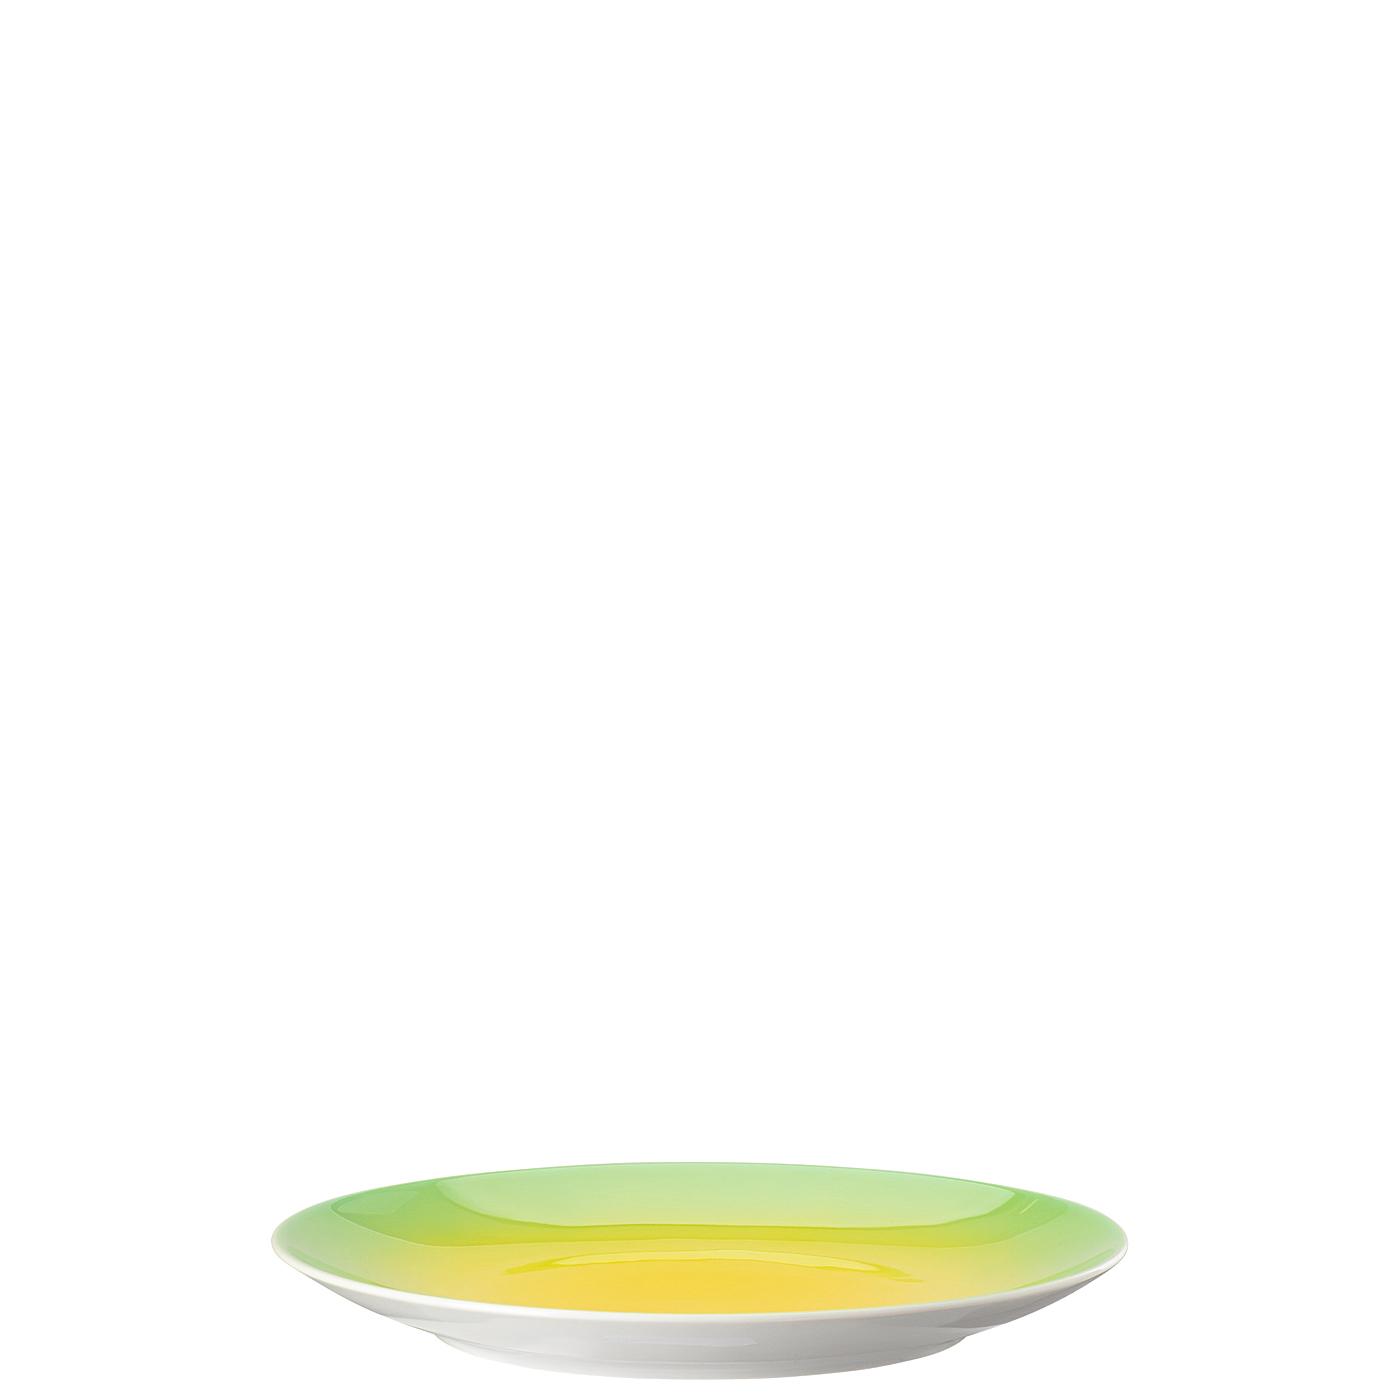 Frühstücksteller 21 cm BeColour Johnny Green Thomas Porzellan